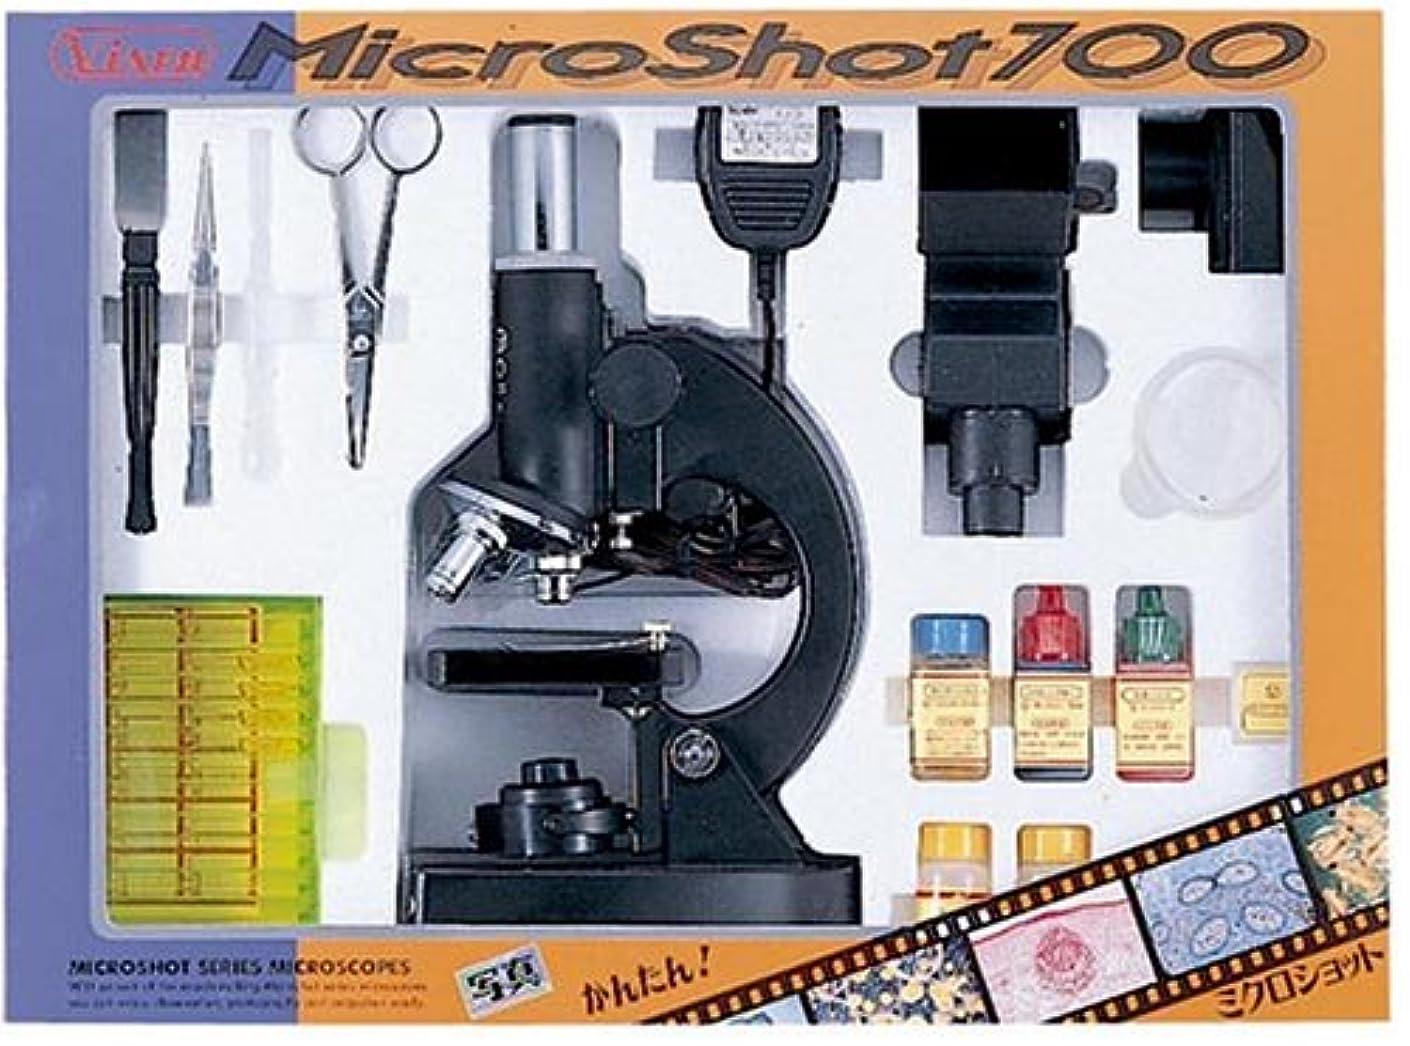 命題リスキーな肩をすくめるVixen 顕微鏡 学習用顕微鏡セット ミクロショットシリーズ ミクロショット700 2114-01